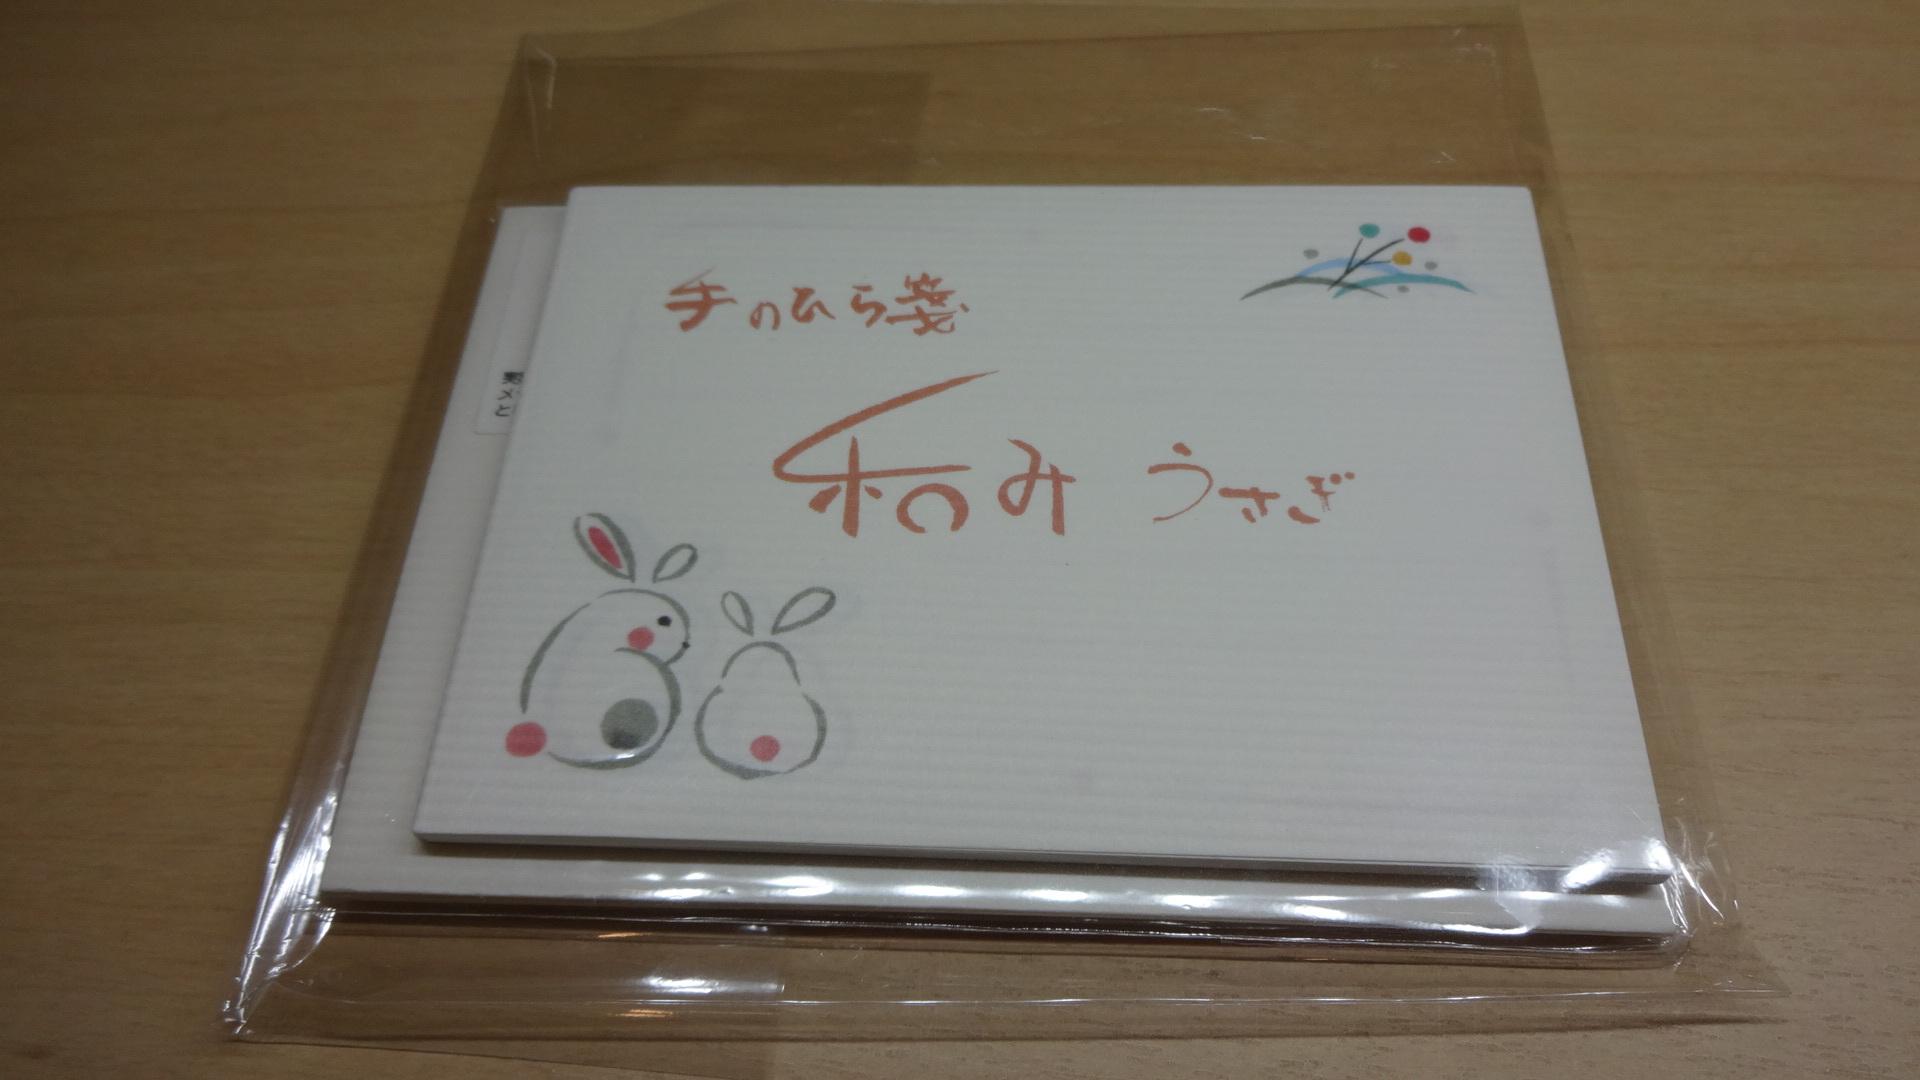 ウサギ ミニフウトウ&テノヒラセン/ナゴミ